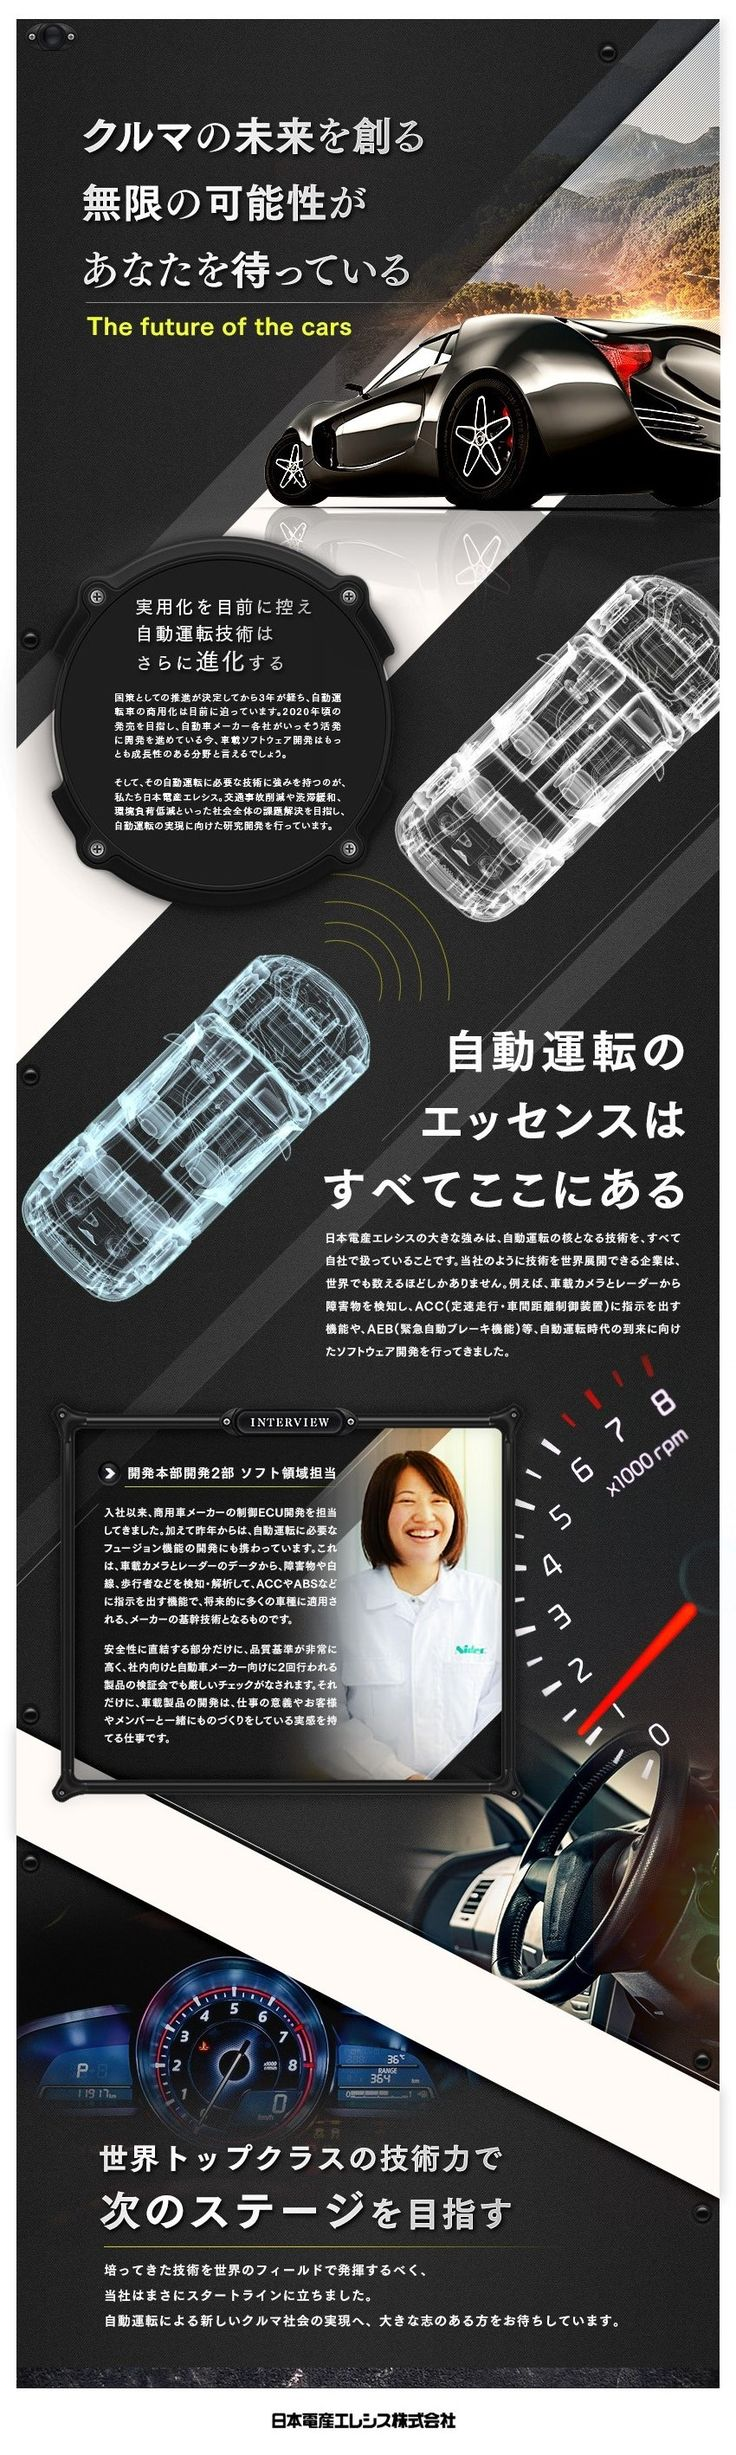 日本電産エレシス株式会社/ソフトウェア開発・制御設計/研究開発型企業で、自動運転に関する車載システムを自ら設計の求人PR - 転職ならDODA(デューダ)